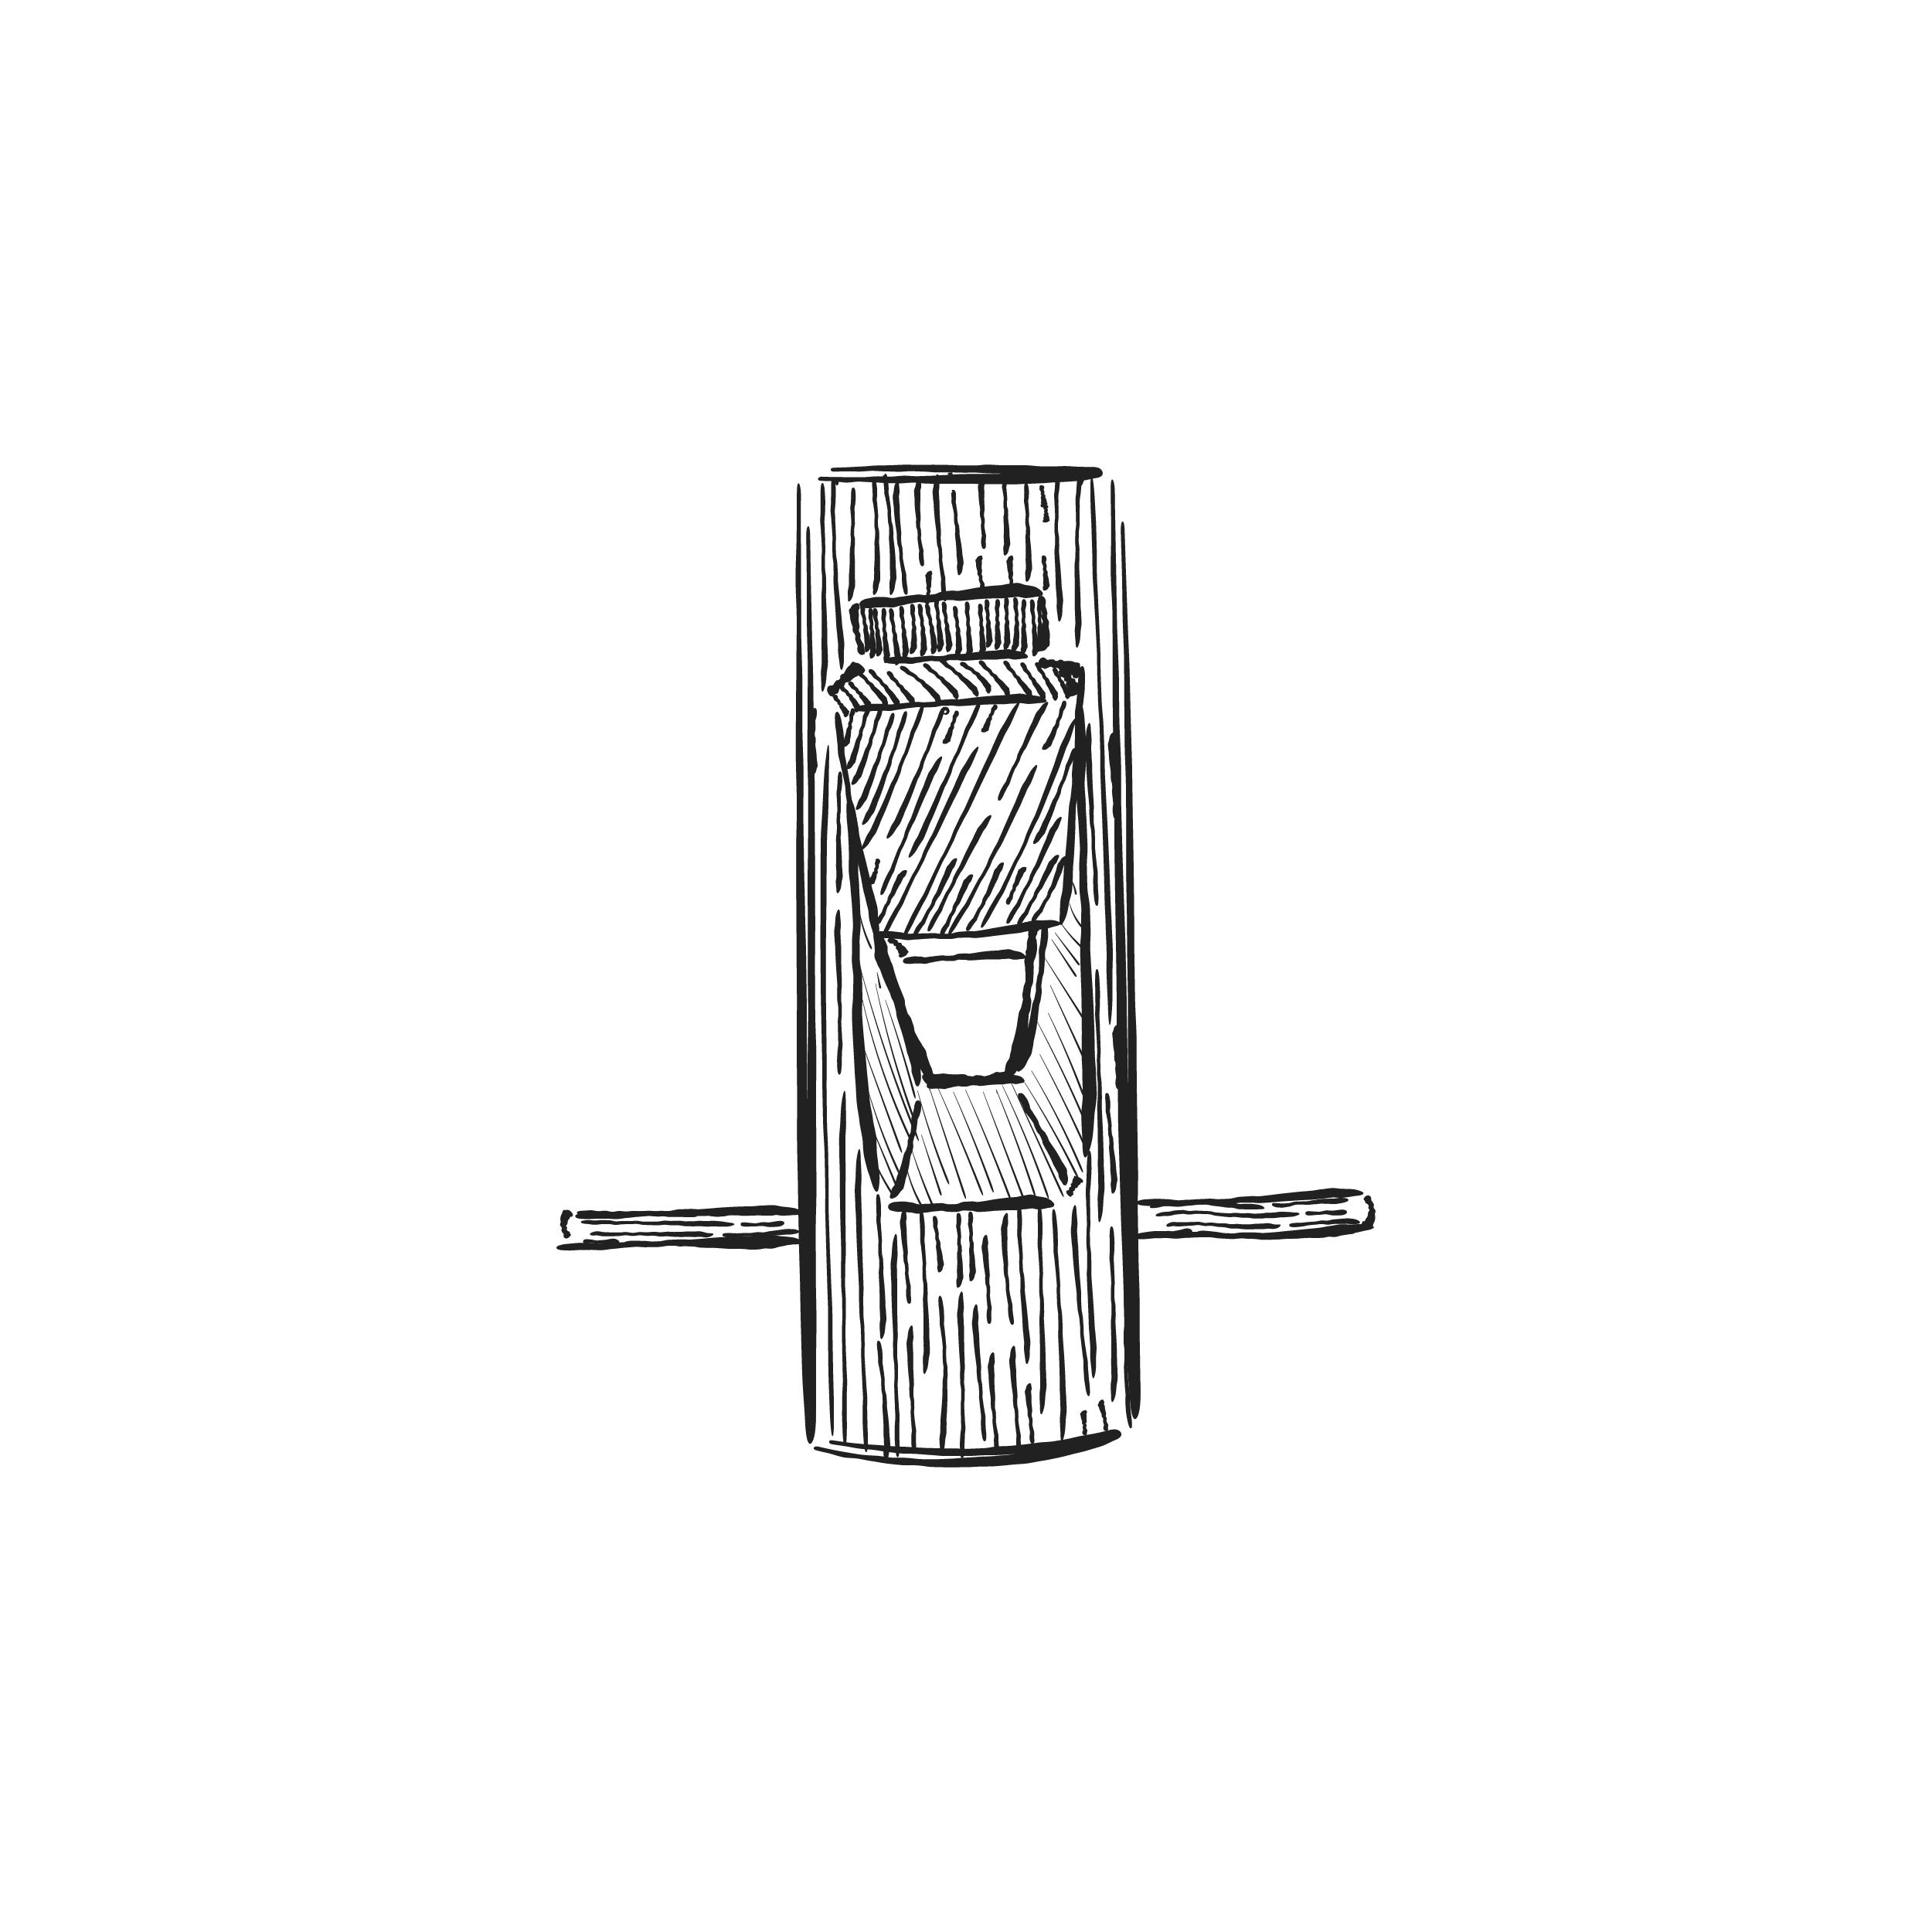 Vintage Illustration Of A Carpenter Tool